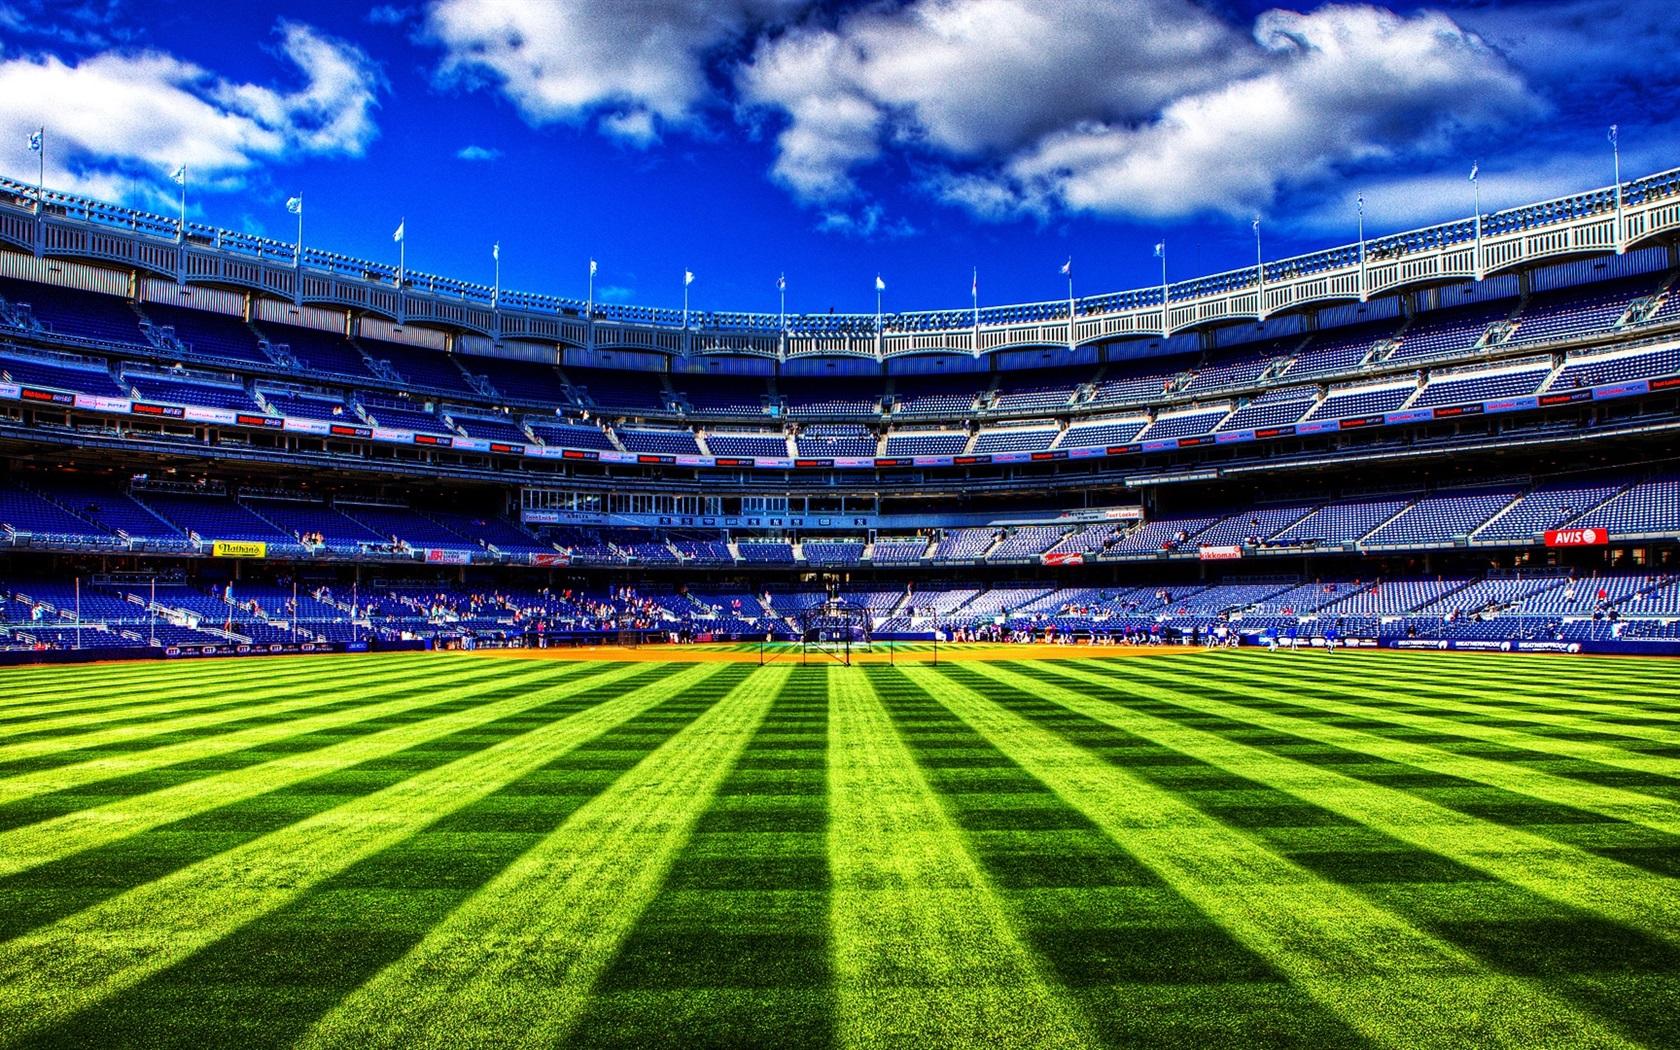 野球場 緑色の草 空 雲 640x960 Iphone 4 4s 壁紙 背景 画像